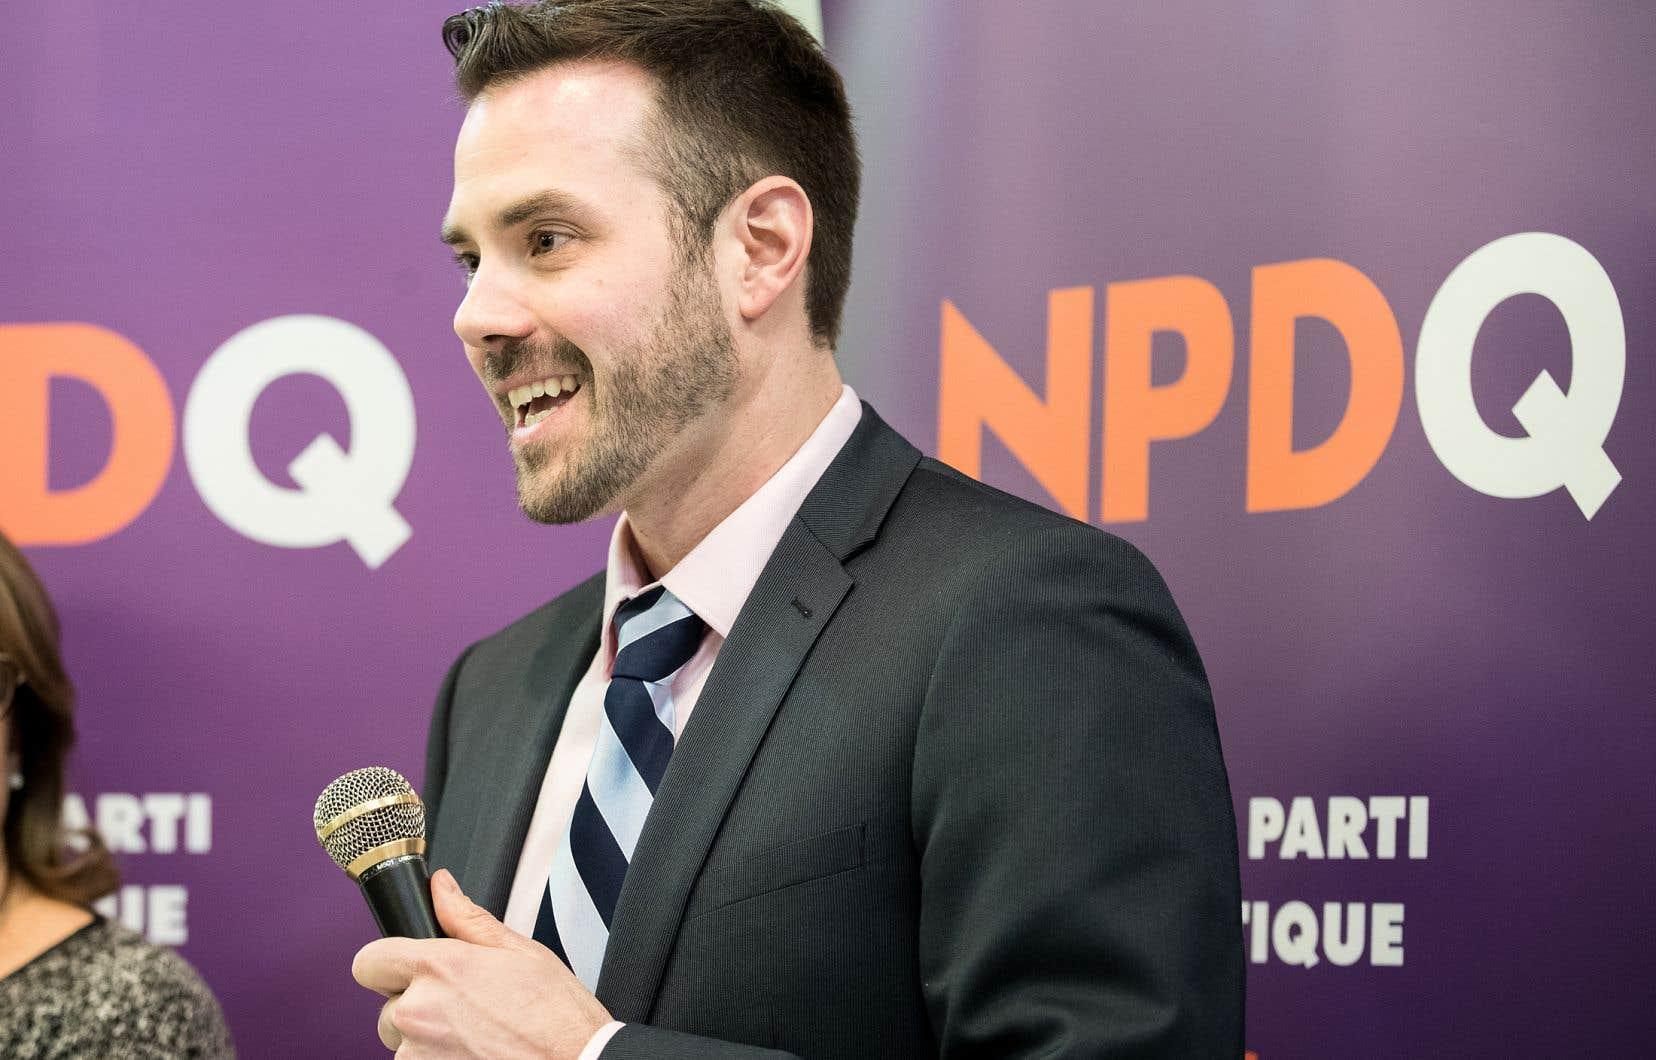 Le nouveau chef, Raphaël Fortin (photo), a devancé son adversaire, Raymond Côté, en obtenant 62% des voix.